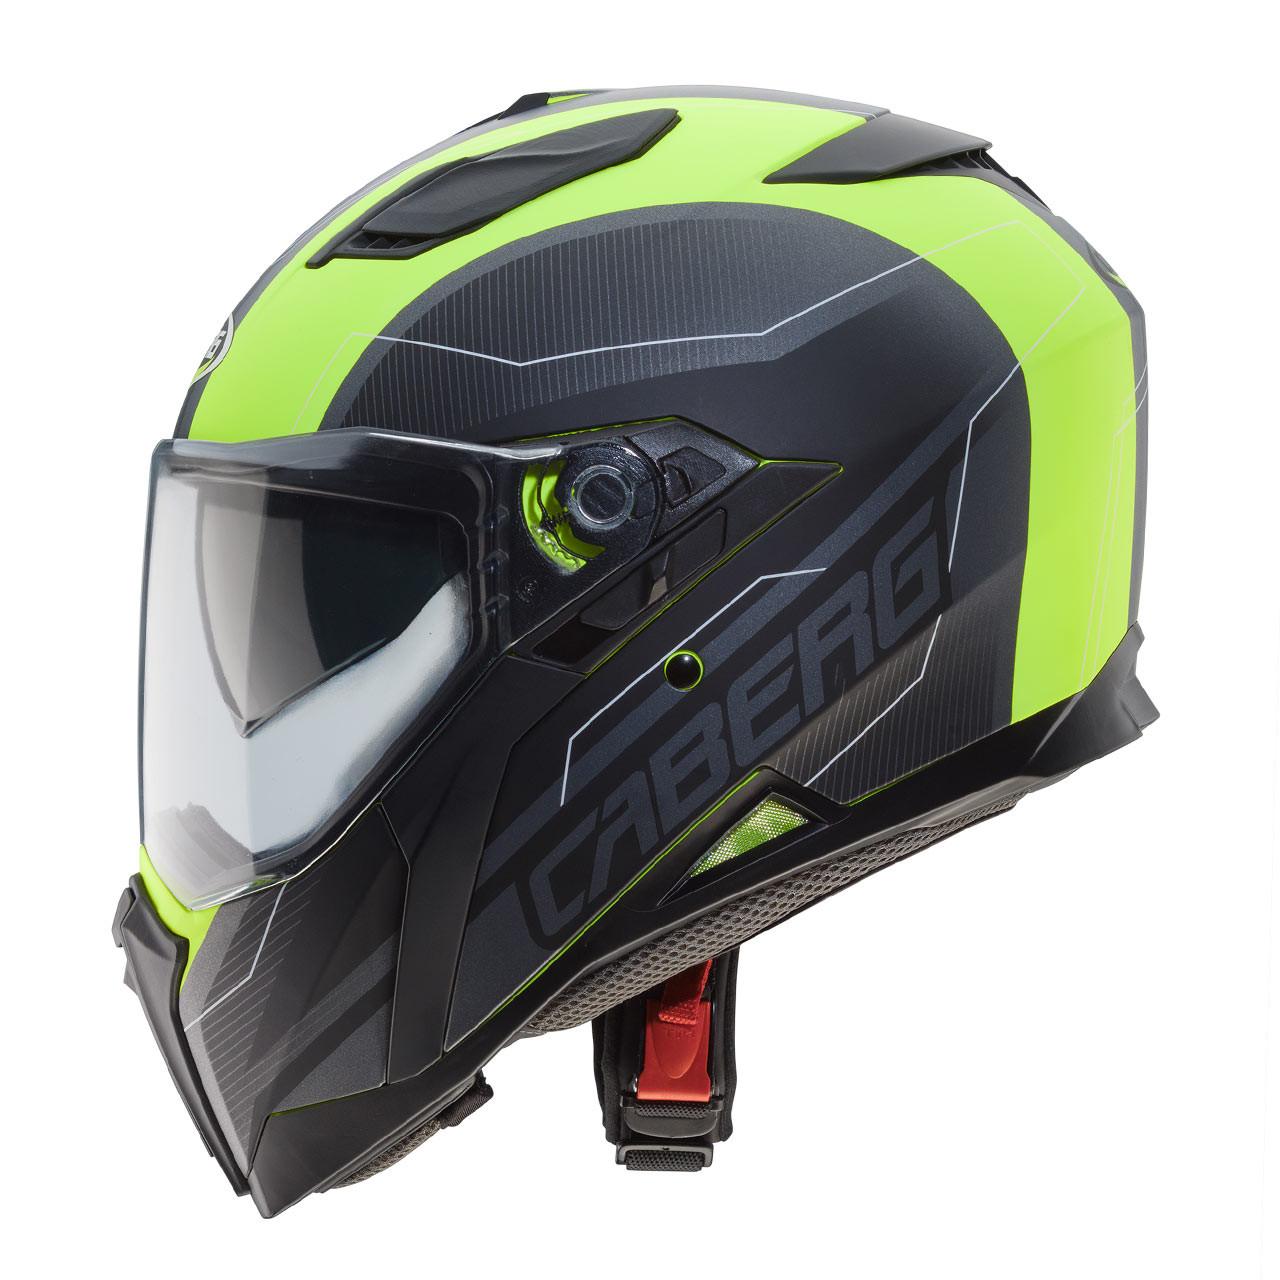 Giallo Fluo Opaco//Antracite//Nero Caberg casco Jackal Taglia XS